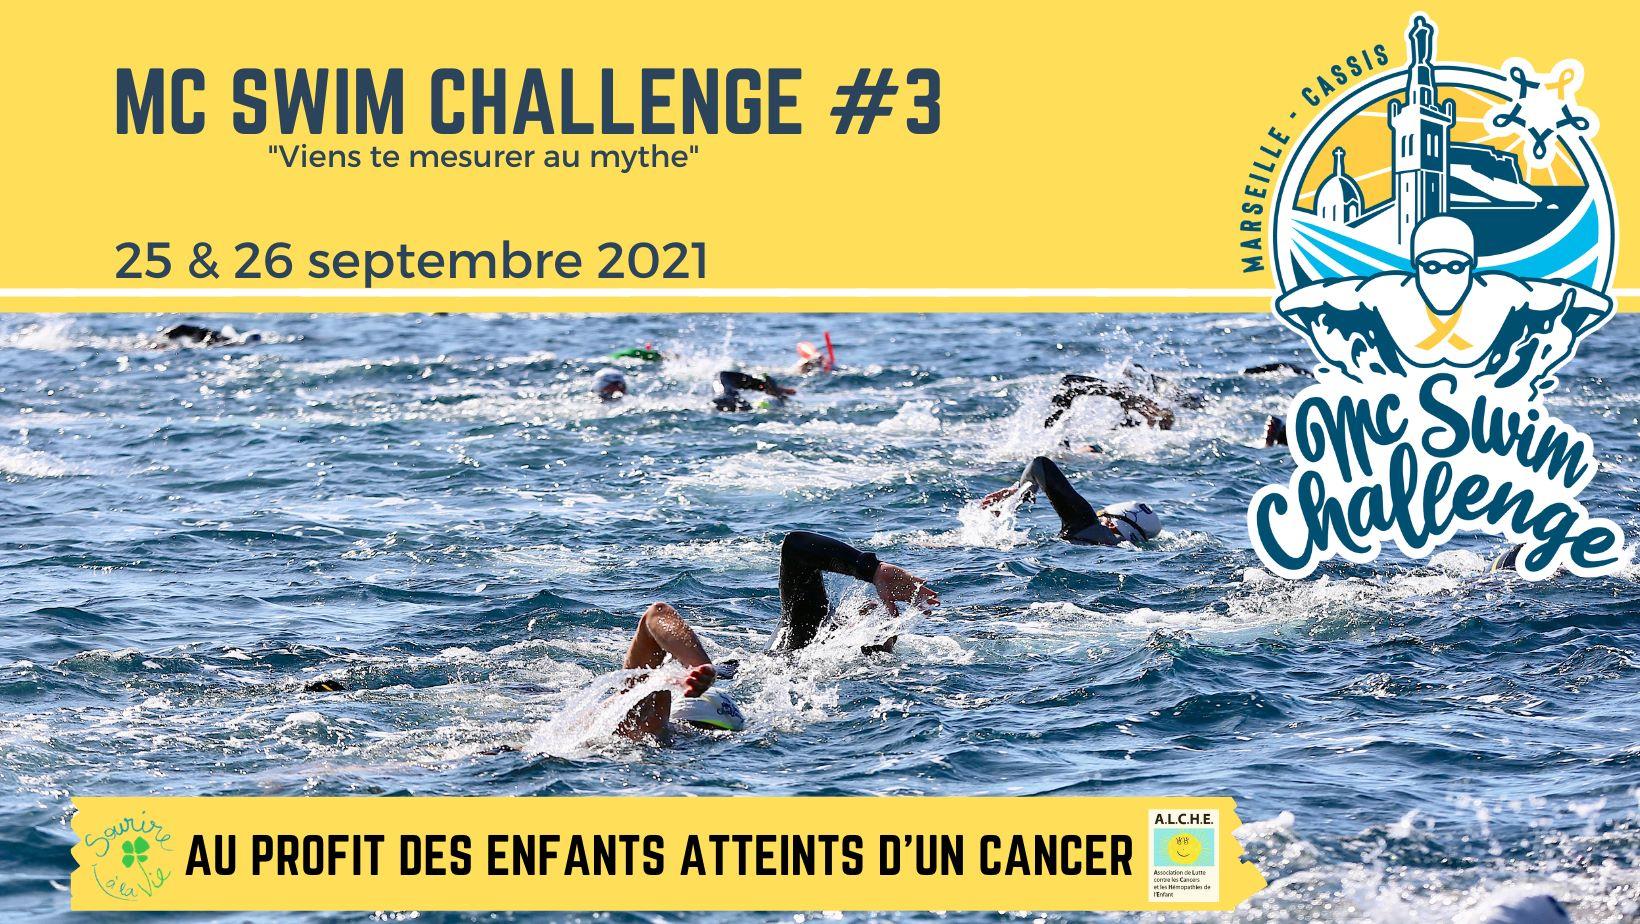 Déplacement Christophe MC Swim Challenge